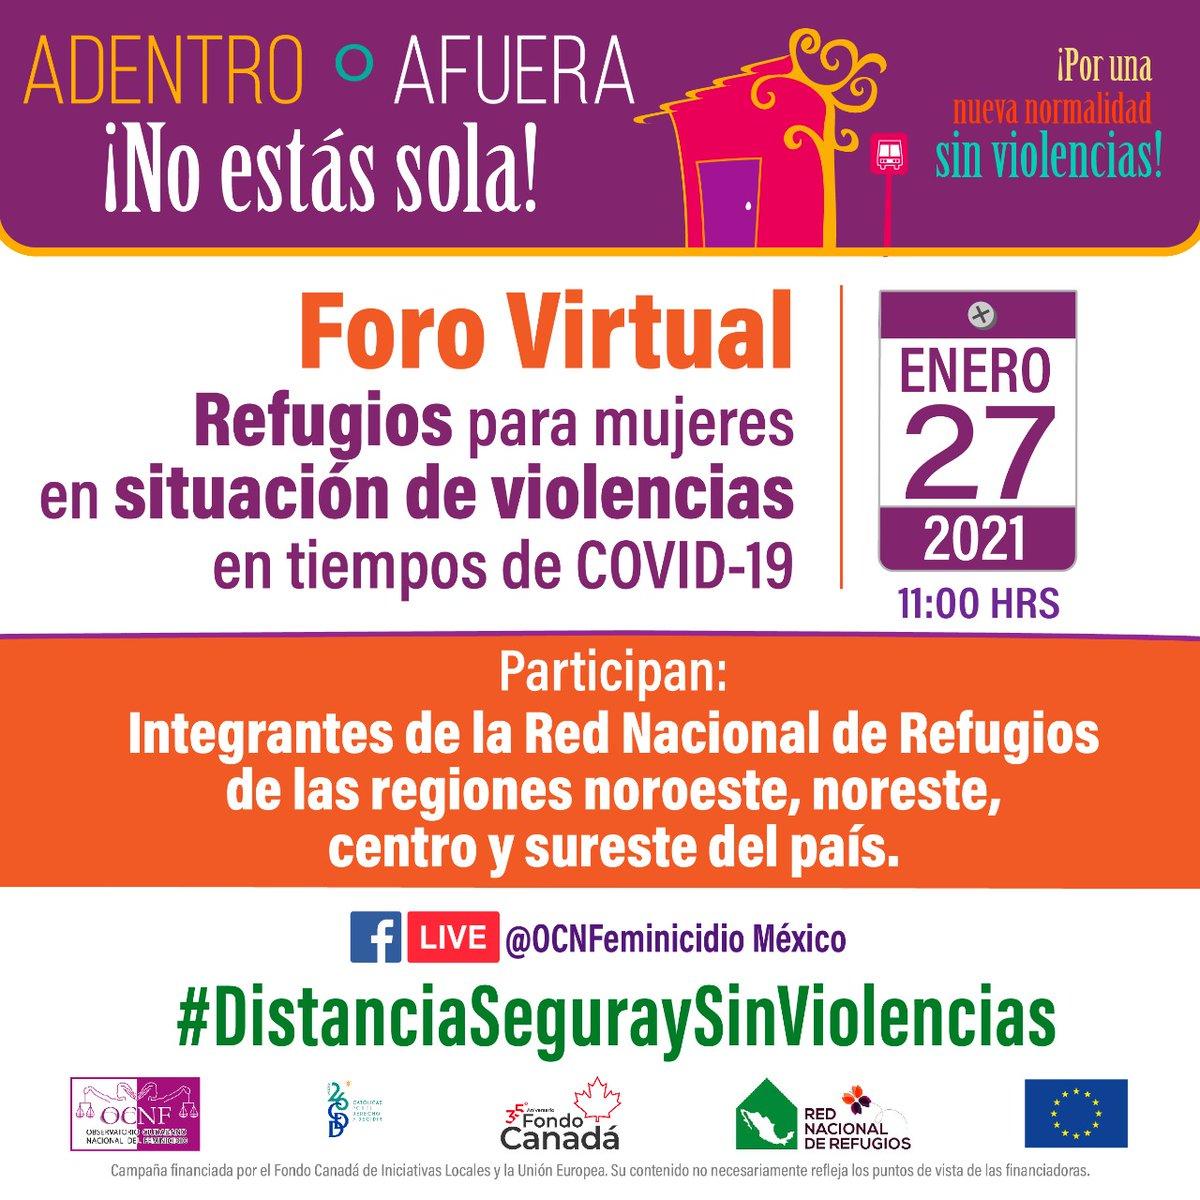 """📢El @OCNF,@CDDMexico y la @RNRoficial seguimos creando espacios de diálogo y análisis en pro de los #DDHH de las mujeres,niñas y adolescentes  🟣Acompáñanos MAÑANA a las 11:00 horas en el #ForoVirtual """"Refugios🏠para mujeres en situación de violencias en tiempos de #COVID19""""👇🏻"""